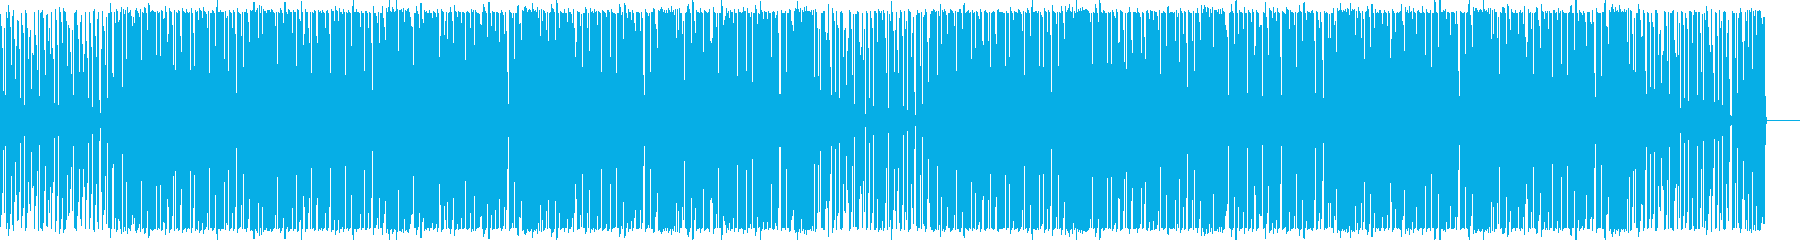 爽やかな夏をイメージしたBGMの再生済みの波形